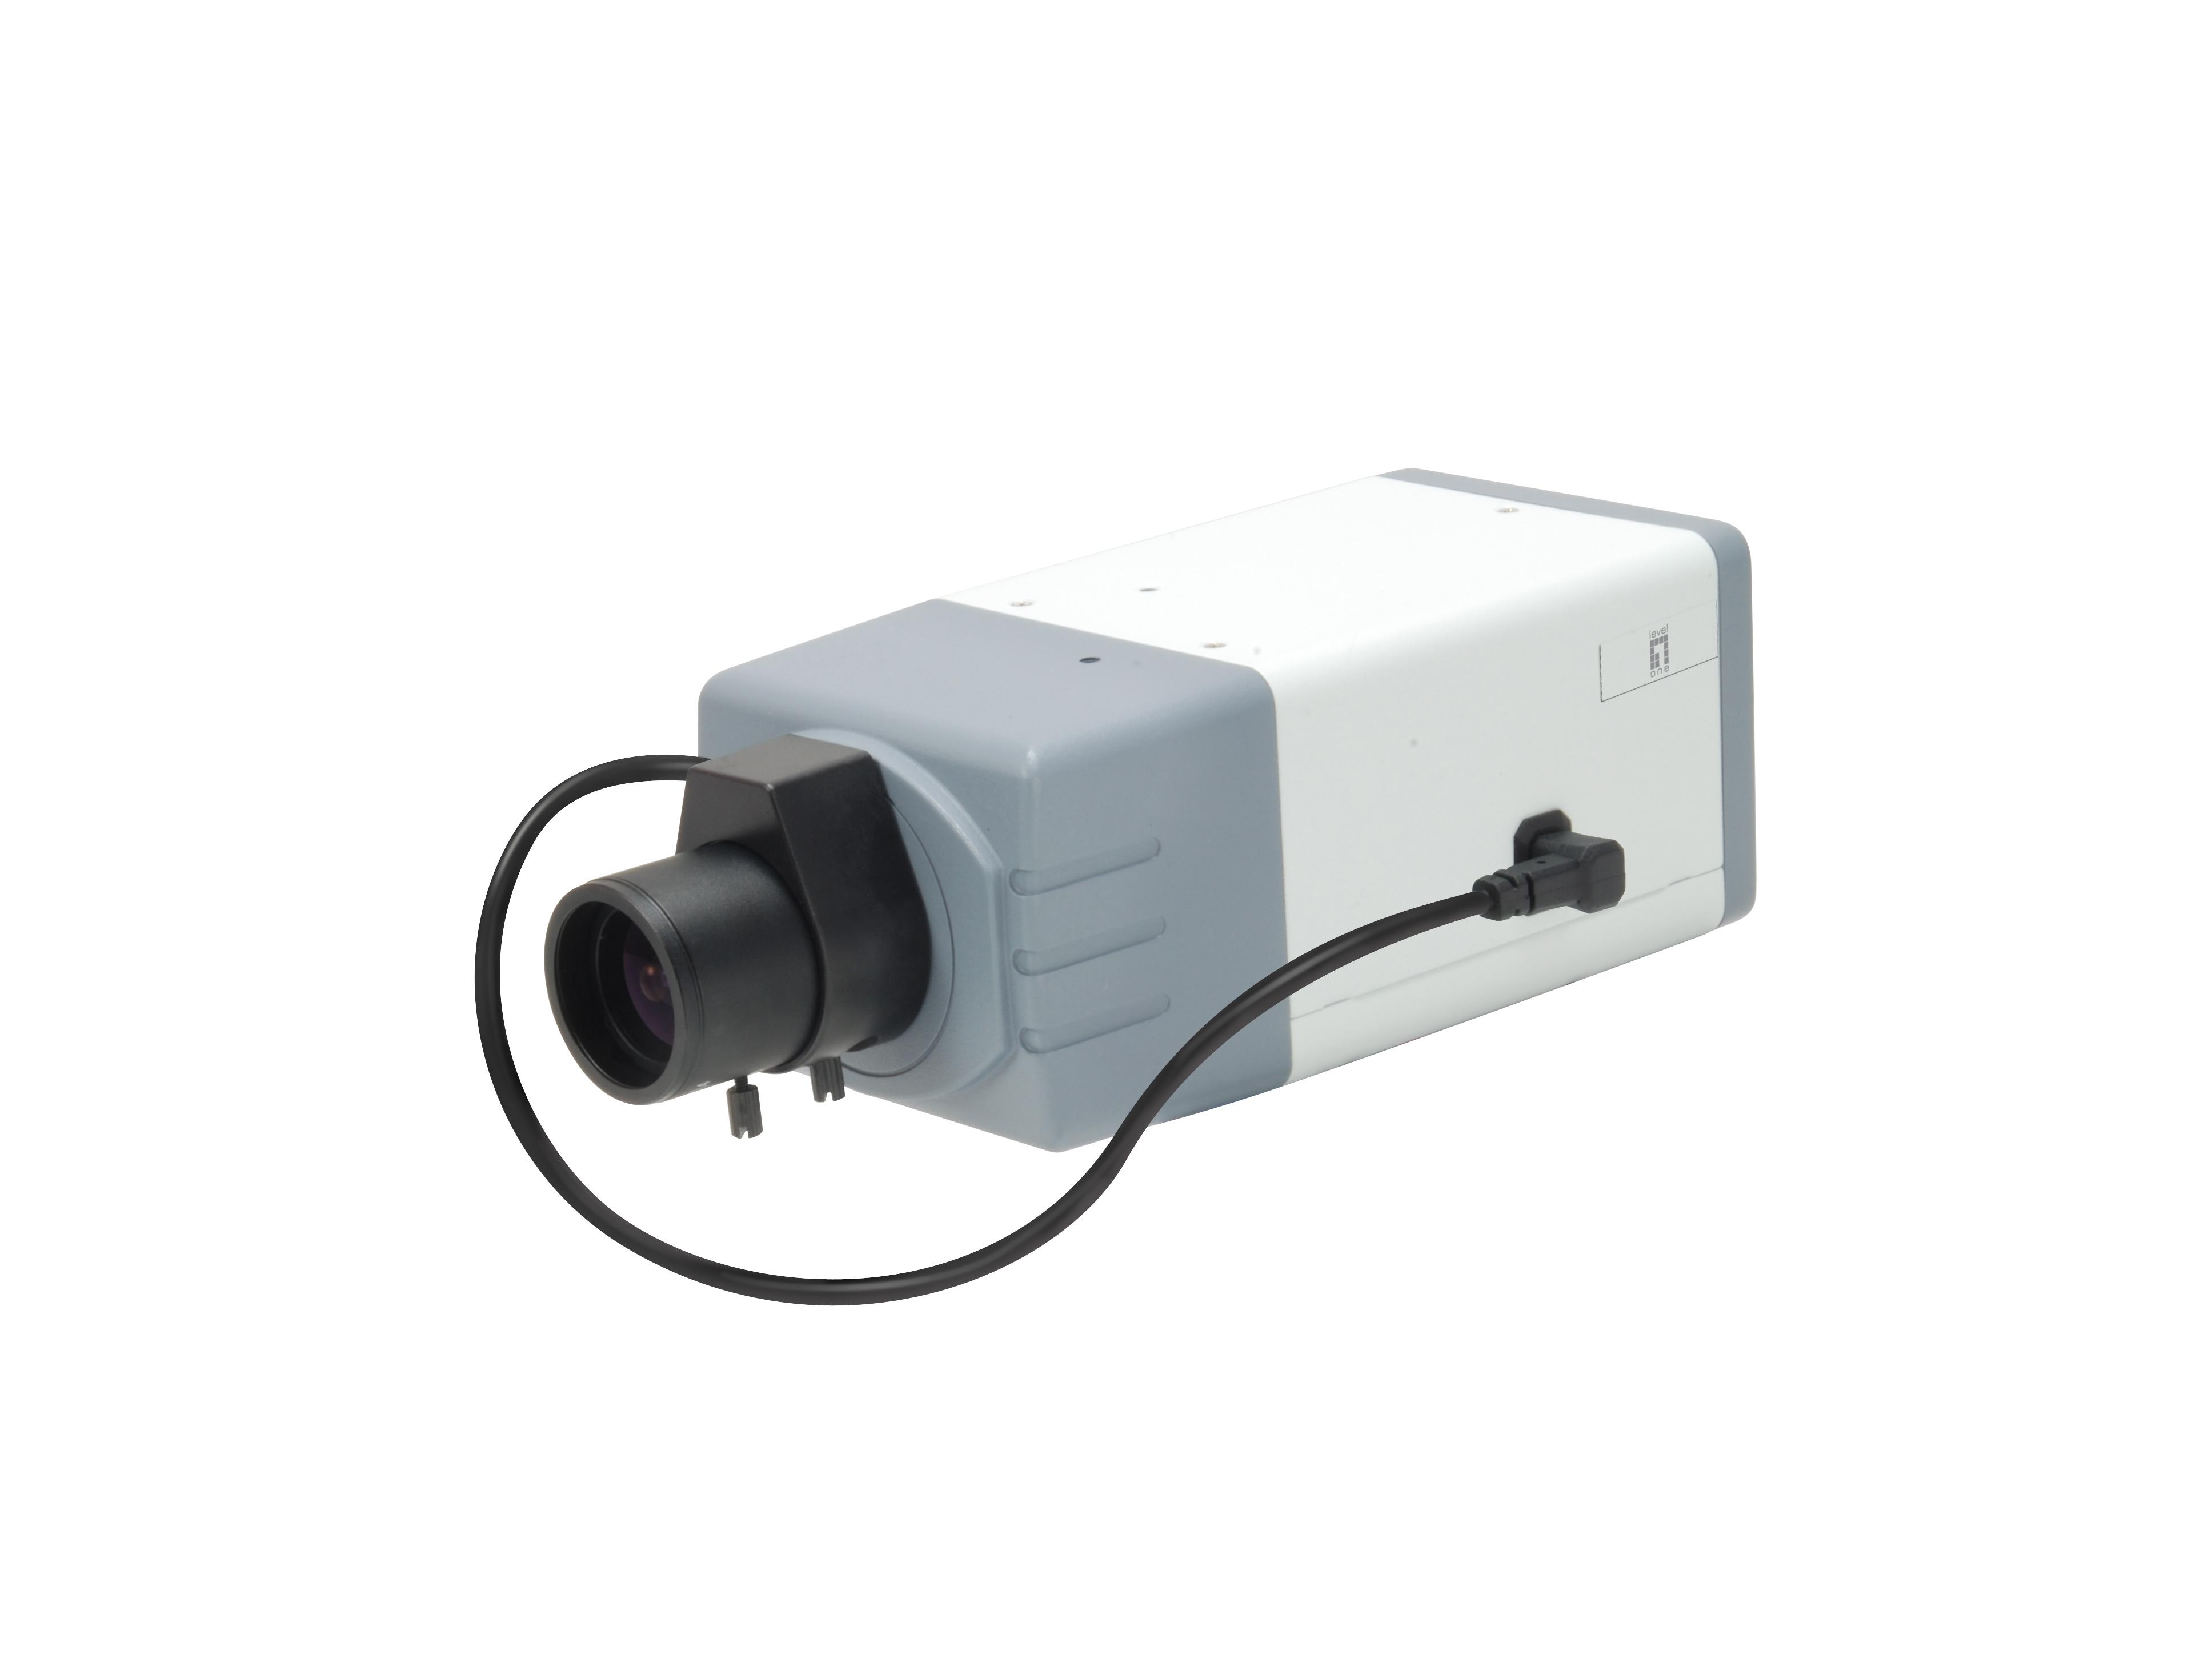 LevelOne Feste-Netzwerkkamera - 5 Megapixel - 802.3af PoE - Tag/Nacht - WDR - IP-Sicherheitskamera - Verkabelt - CE - FCC - ONVIF - Box - Wand - Schwarz - Grau - Weiß